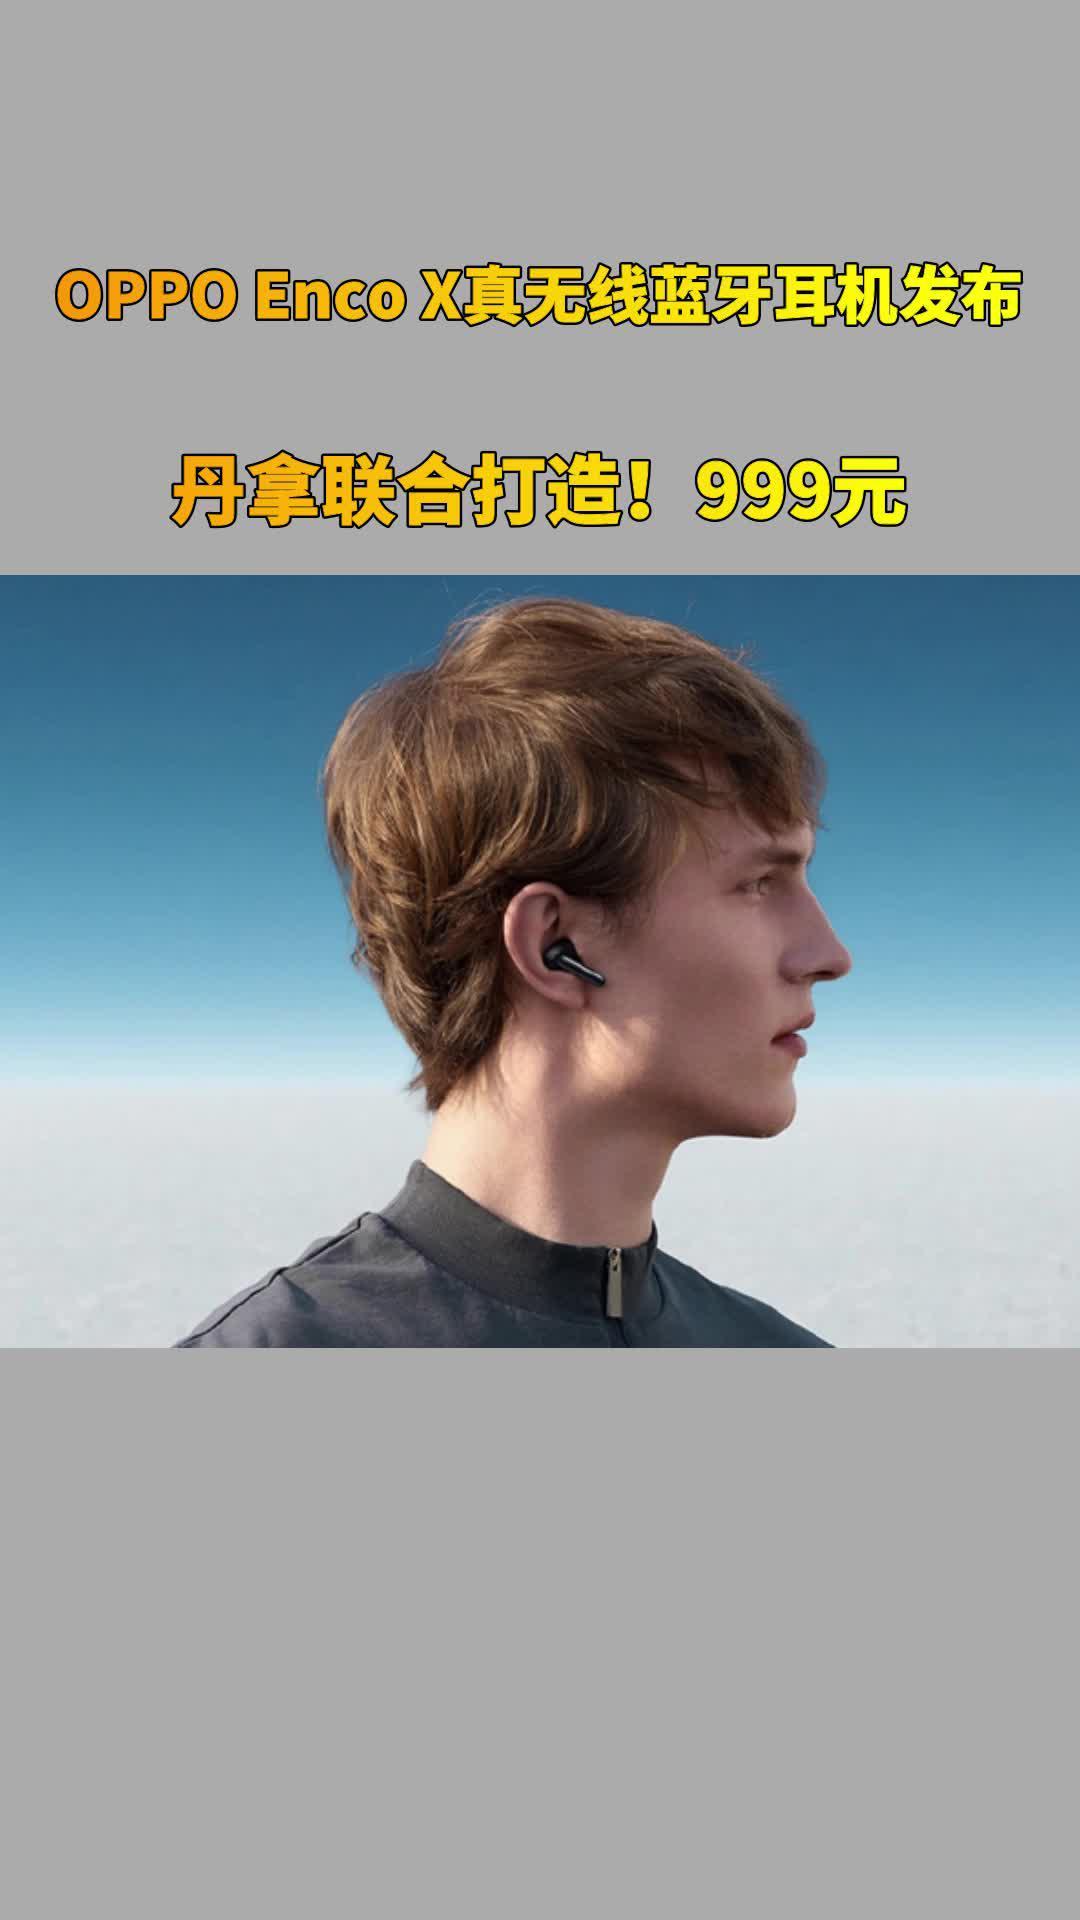 丹拿联合打造OPPO Enco X真无线蓝牙耳机发布999元